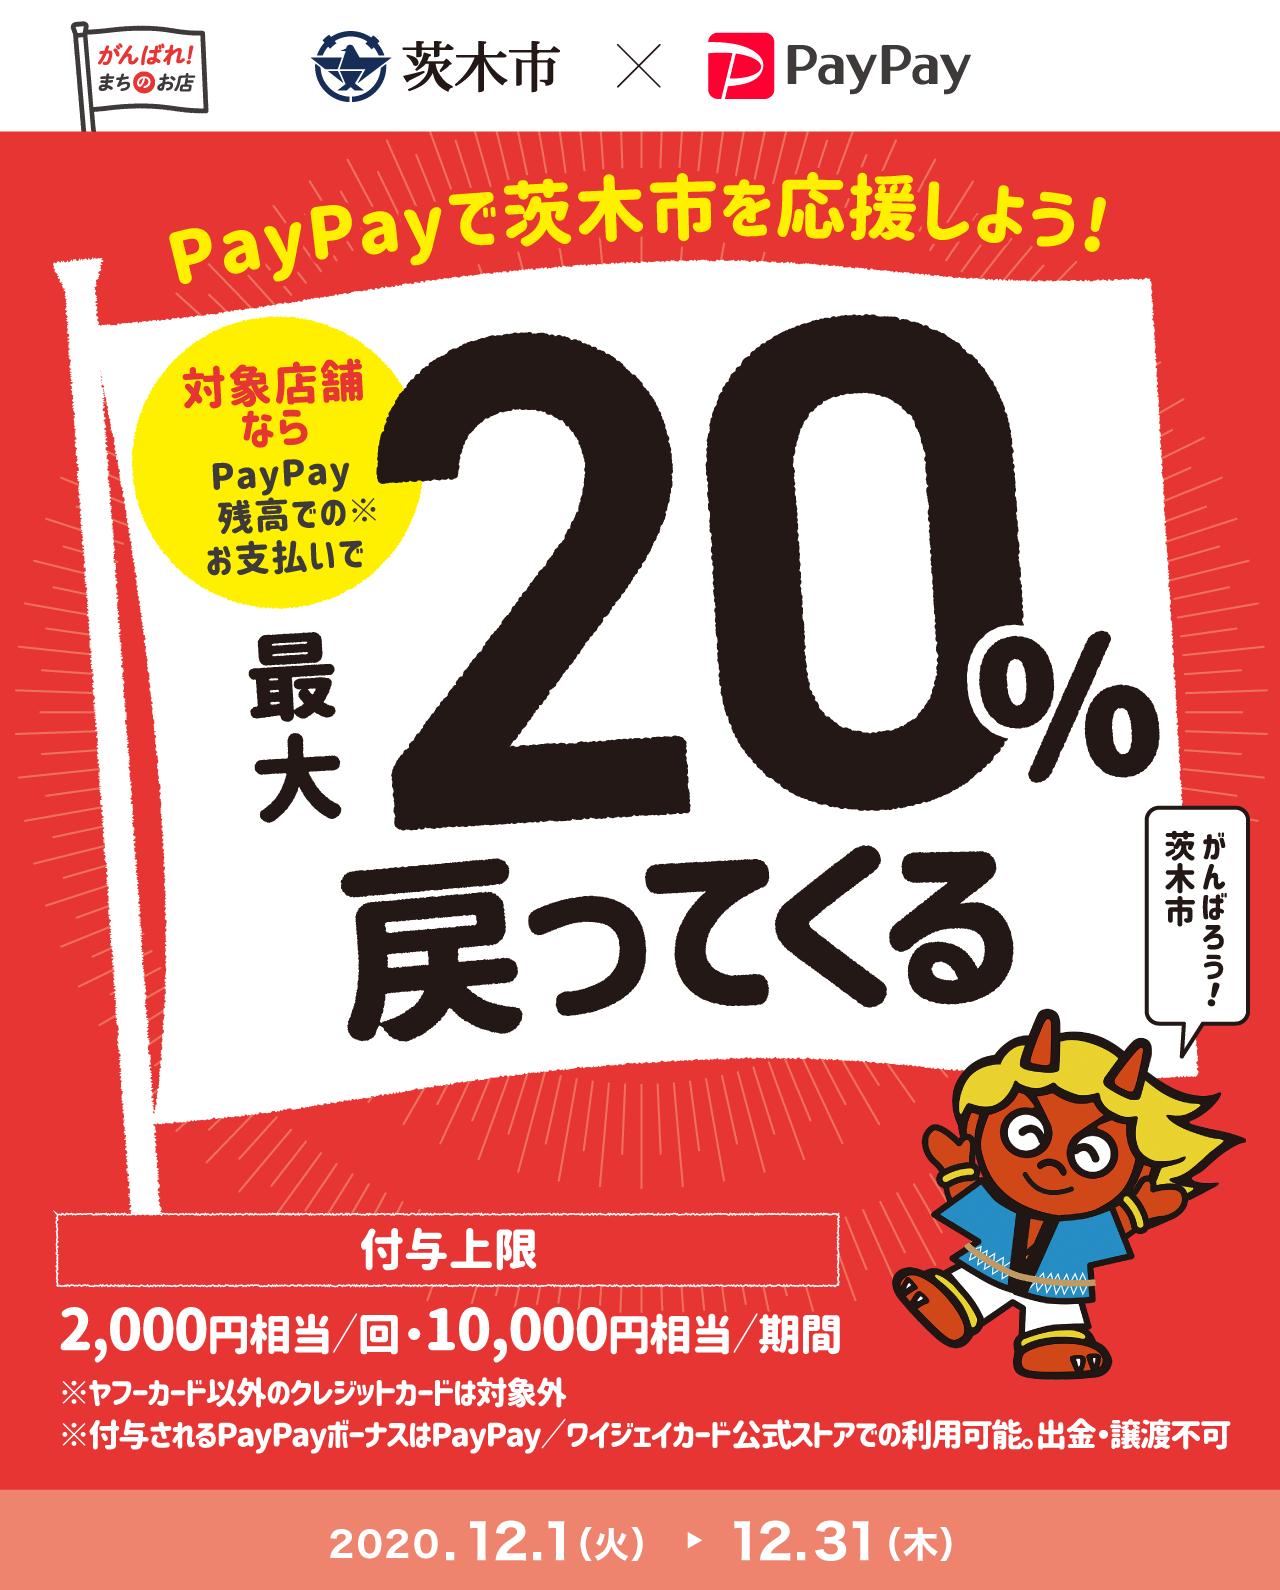 PayPayで茨木市を応援しよう! 対象店舗ならPayPay残高でのお支払いで 最大20%戻ってくる